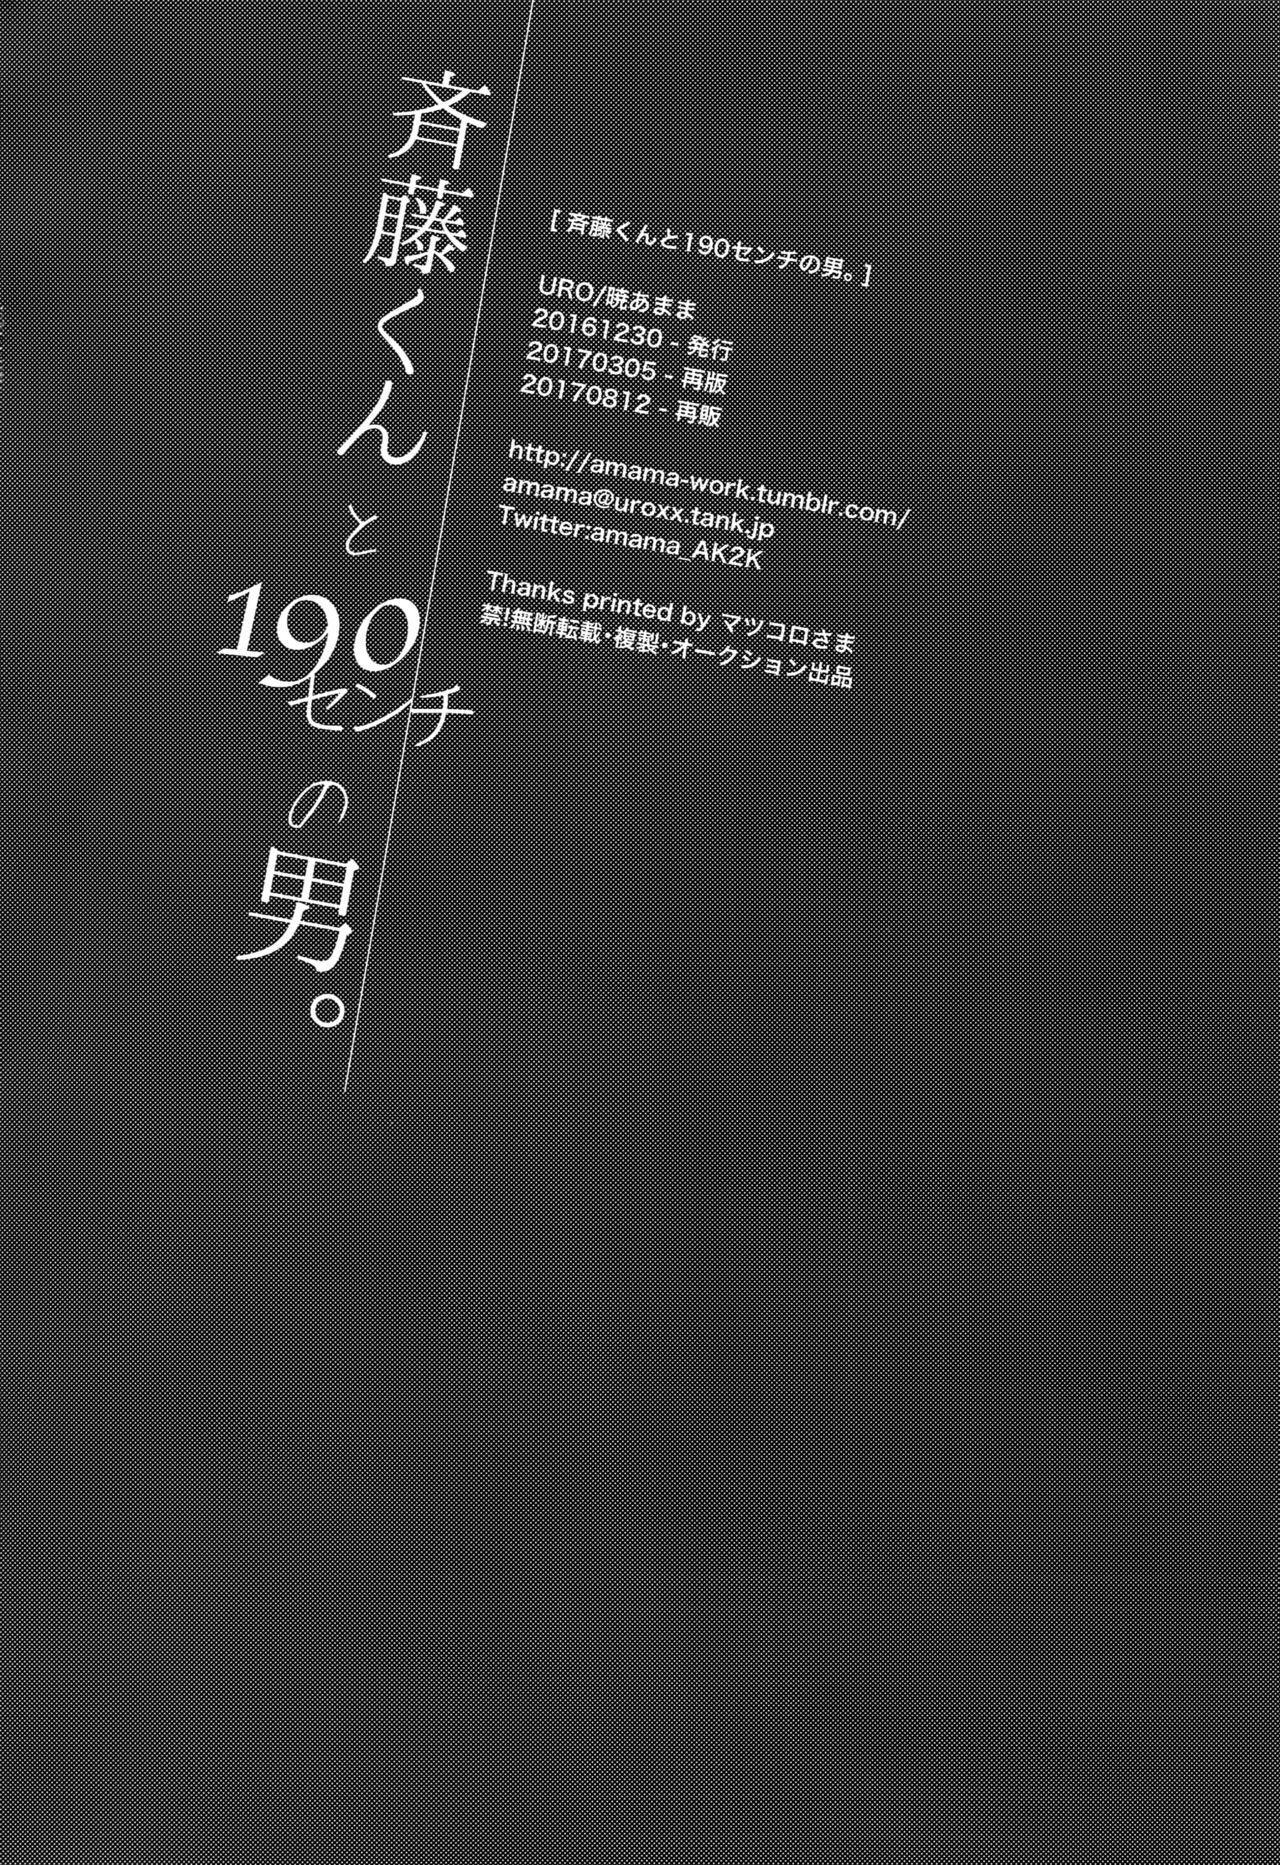 (C92) [URO (Akatsuki Amama)] Saitou-kun to 190-cm no Otoko. 20